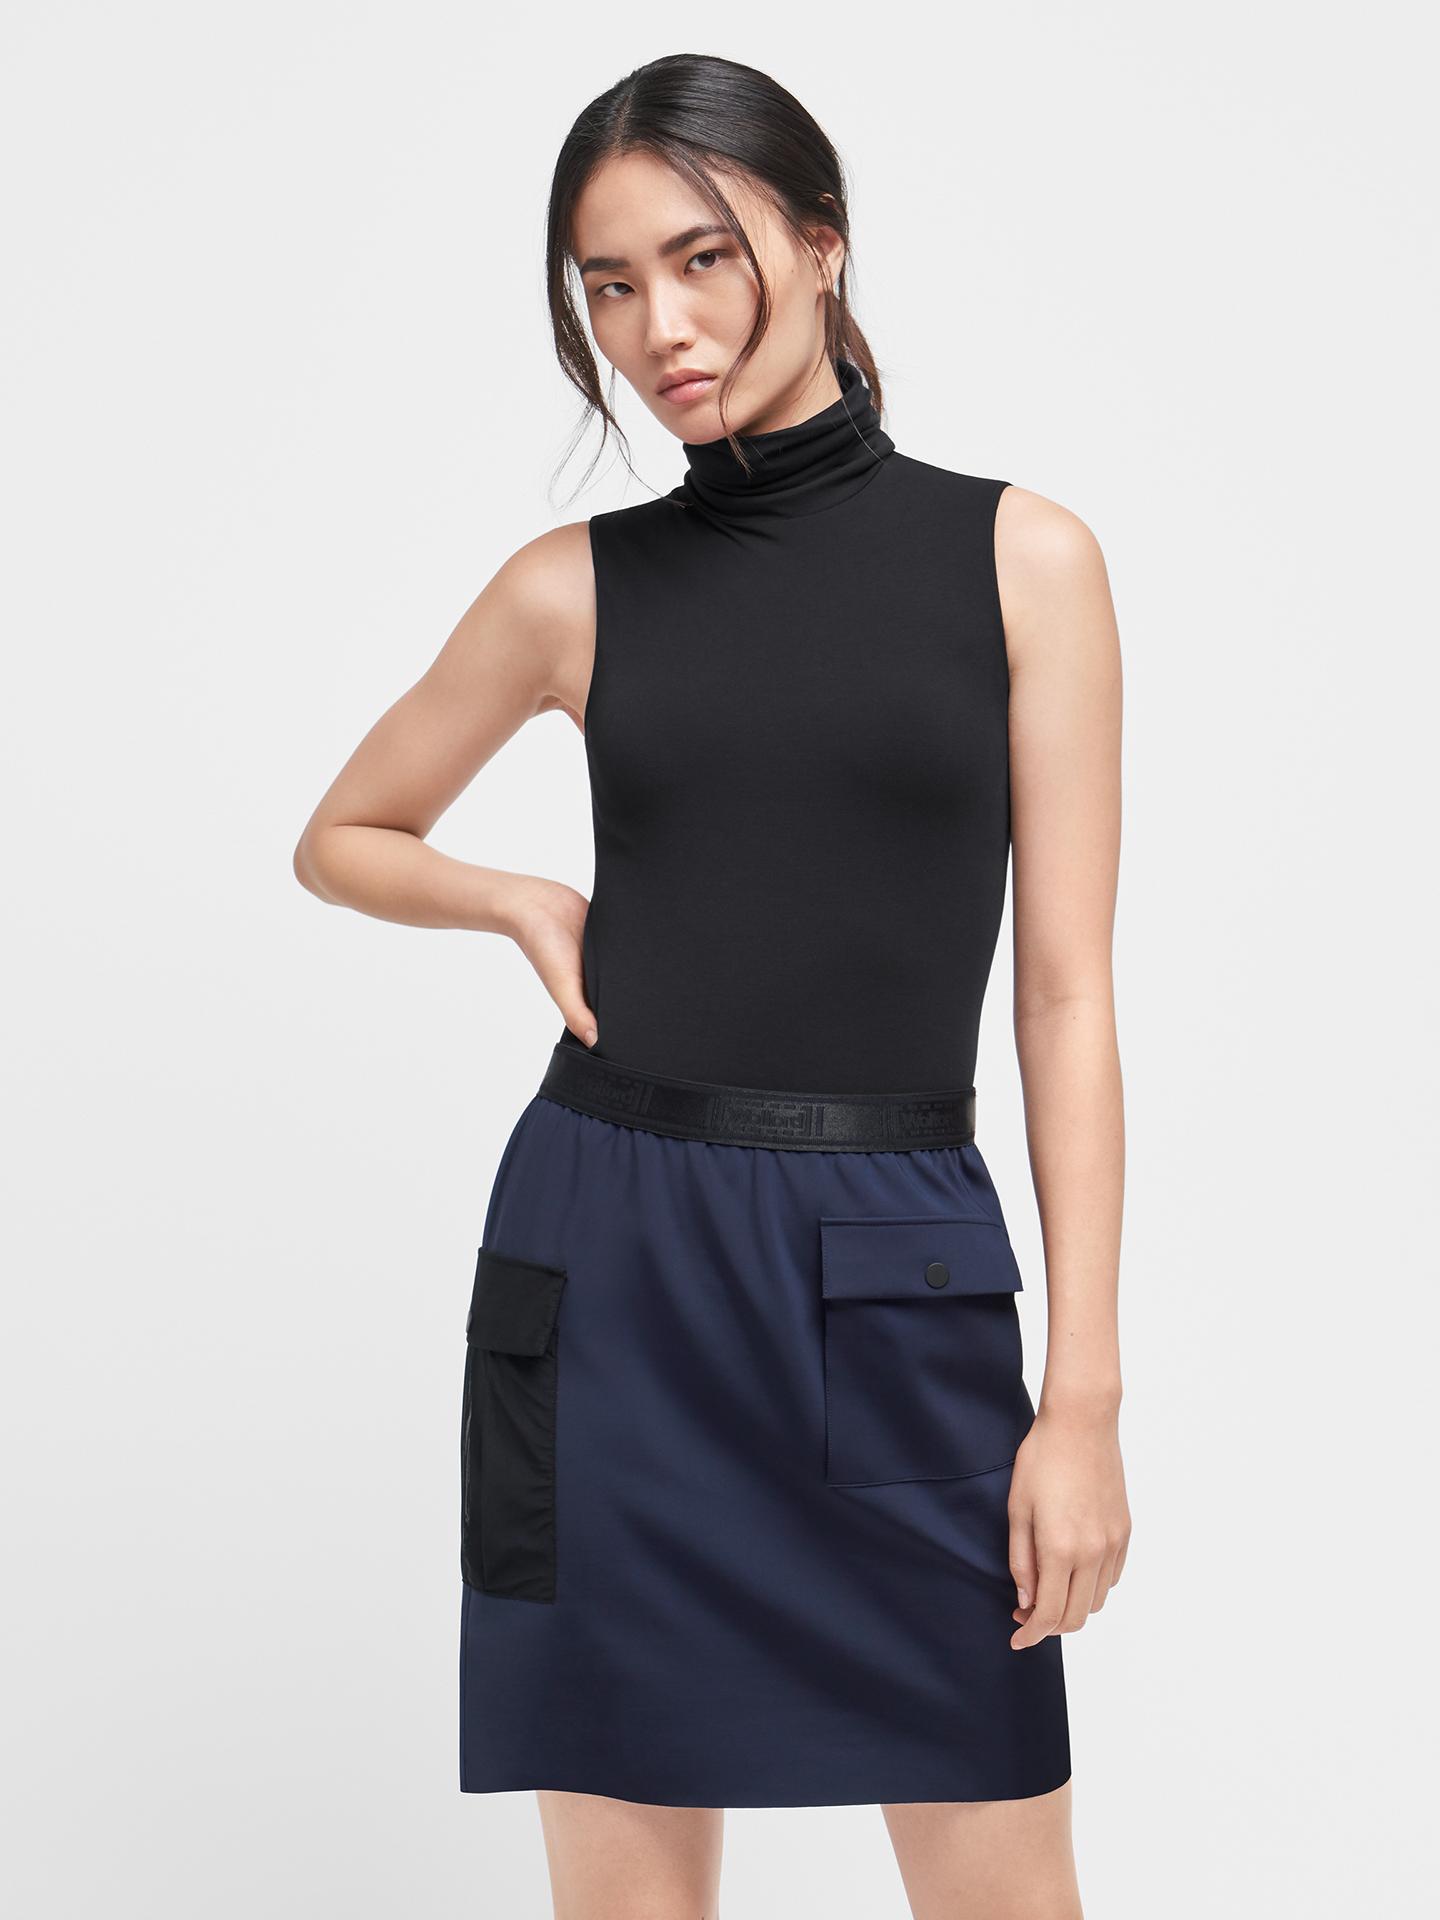 Artikel klicken und genauer betrachten! - Blair Skirt   im Online Shop kaufen